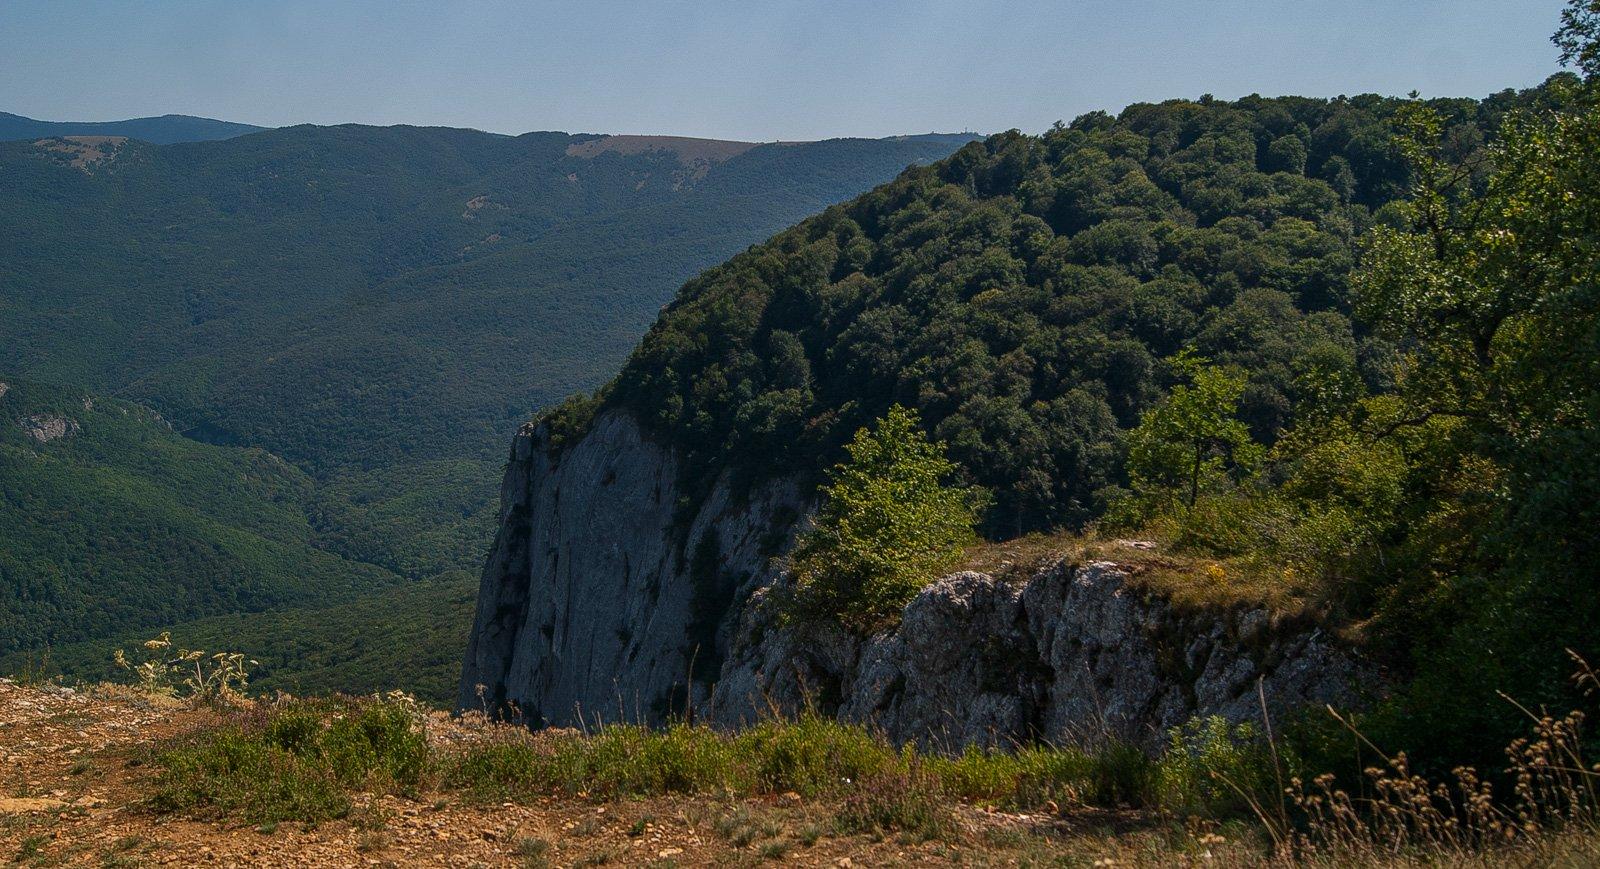 Вид на выход из большого каньона с горы Седам-Кая